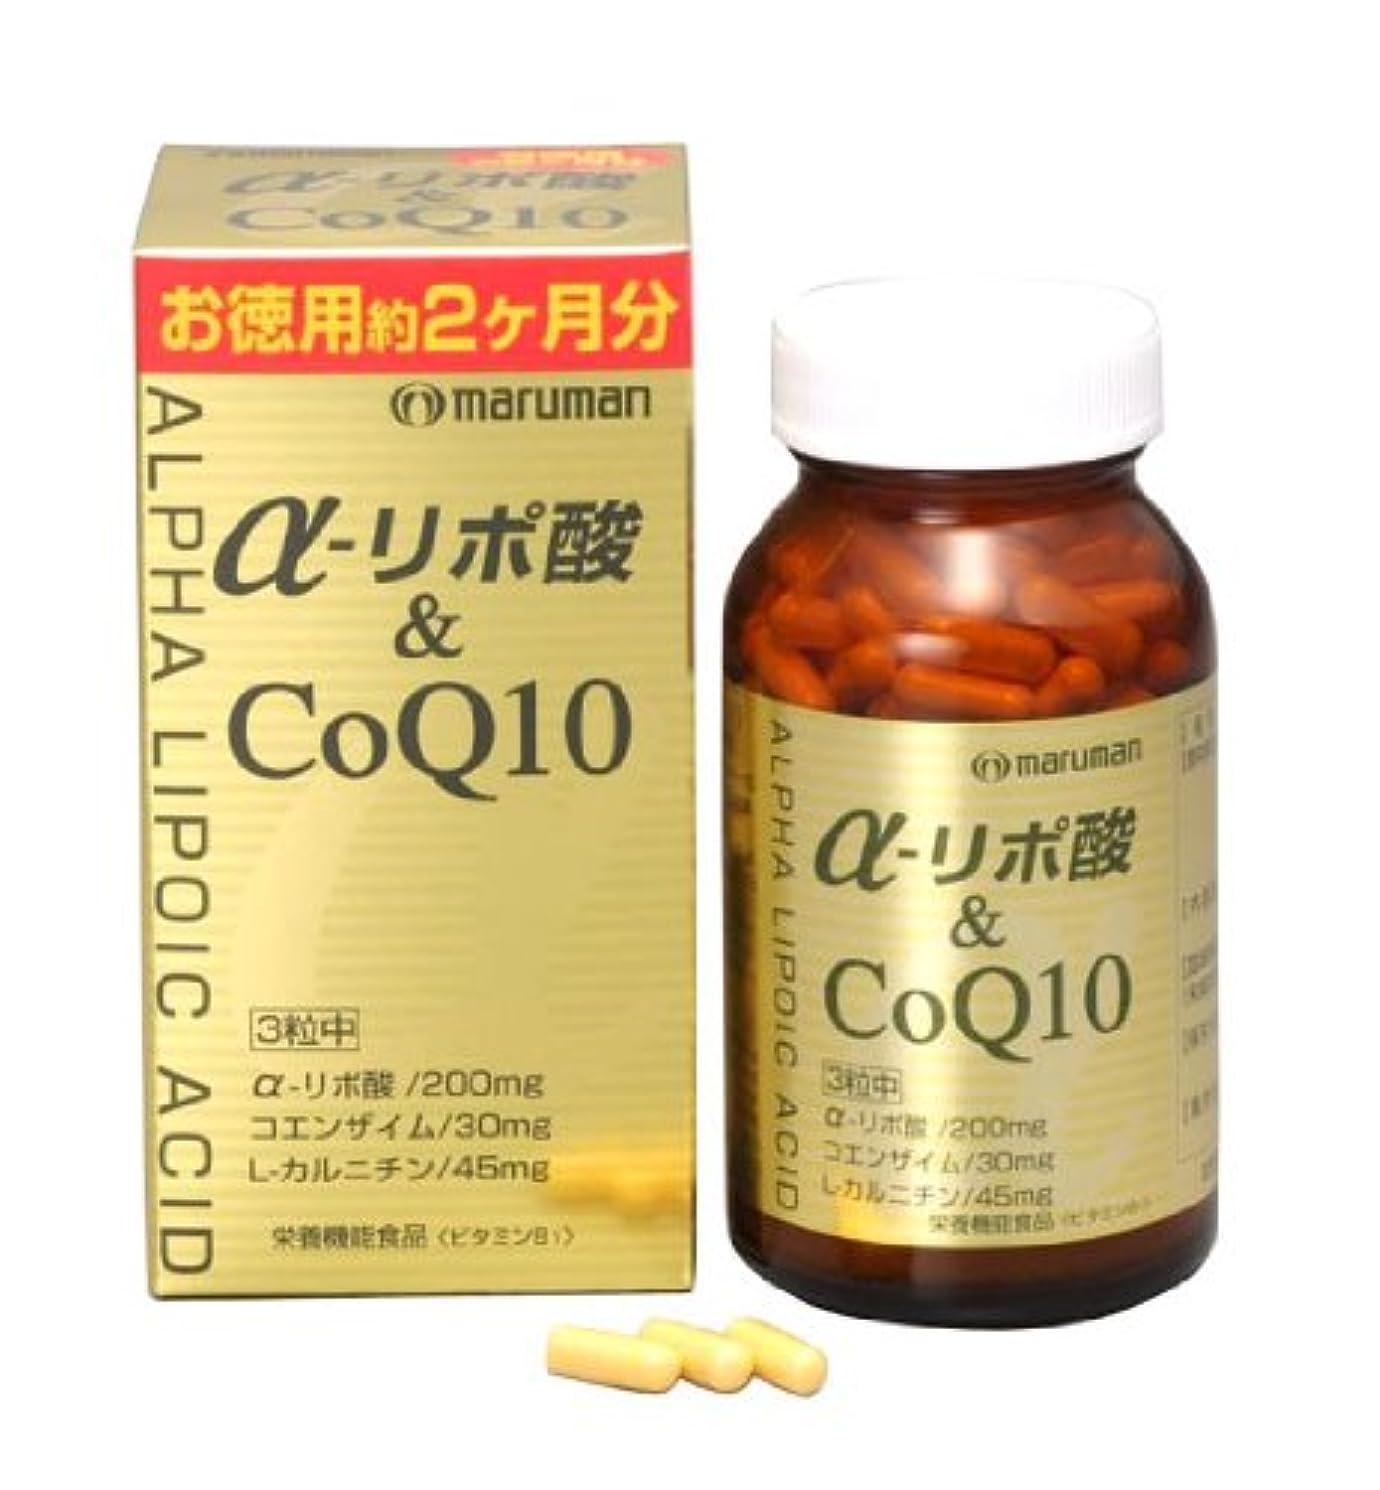 回復戻る蜜マルマン α-リポ酸CoQ10 249㎎×180粒